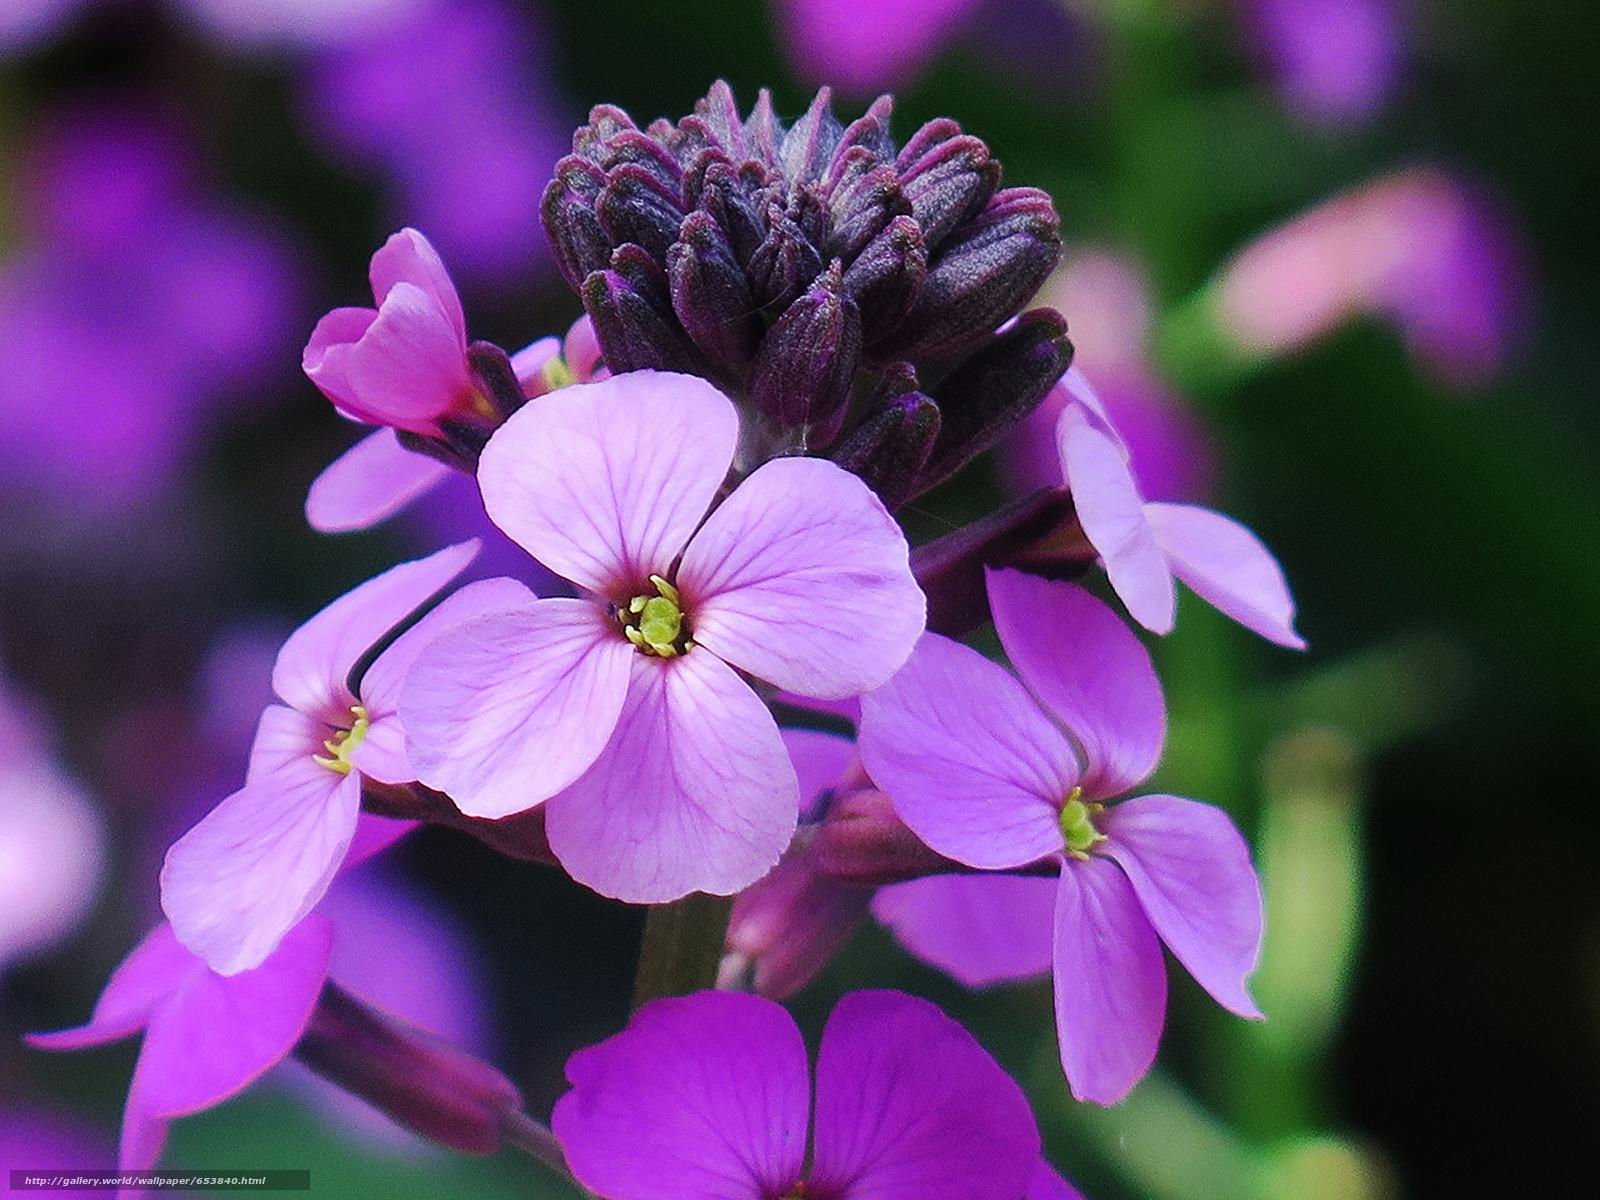 Скачать обои цветы,  цветок,  макро,  красивый цветок бесплатно для рабочего стола в разрешении 2048x1536 — картинка №653840